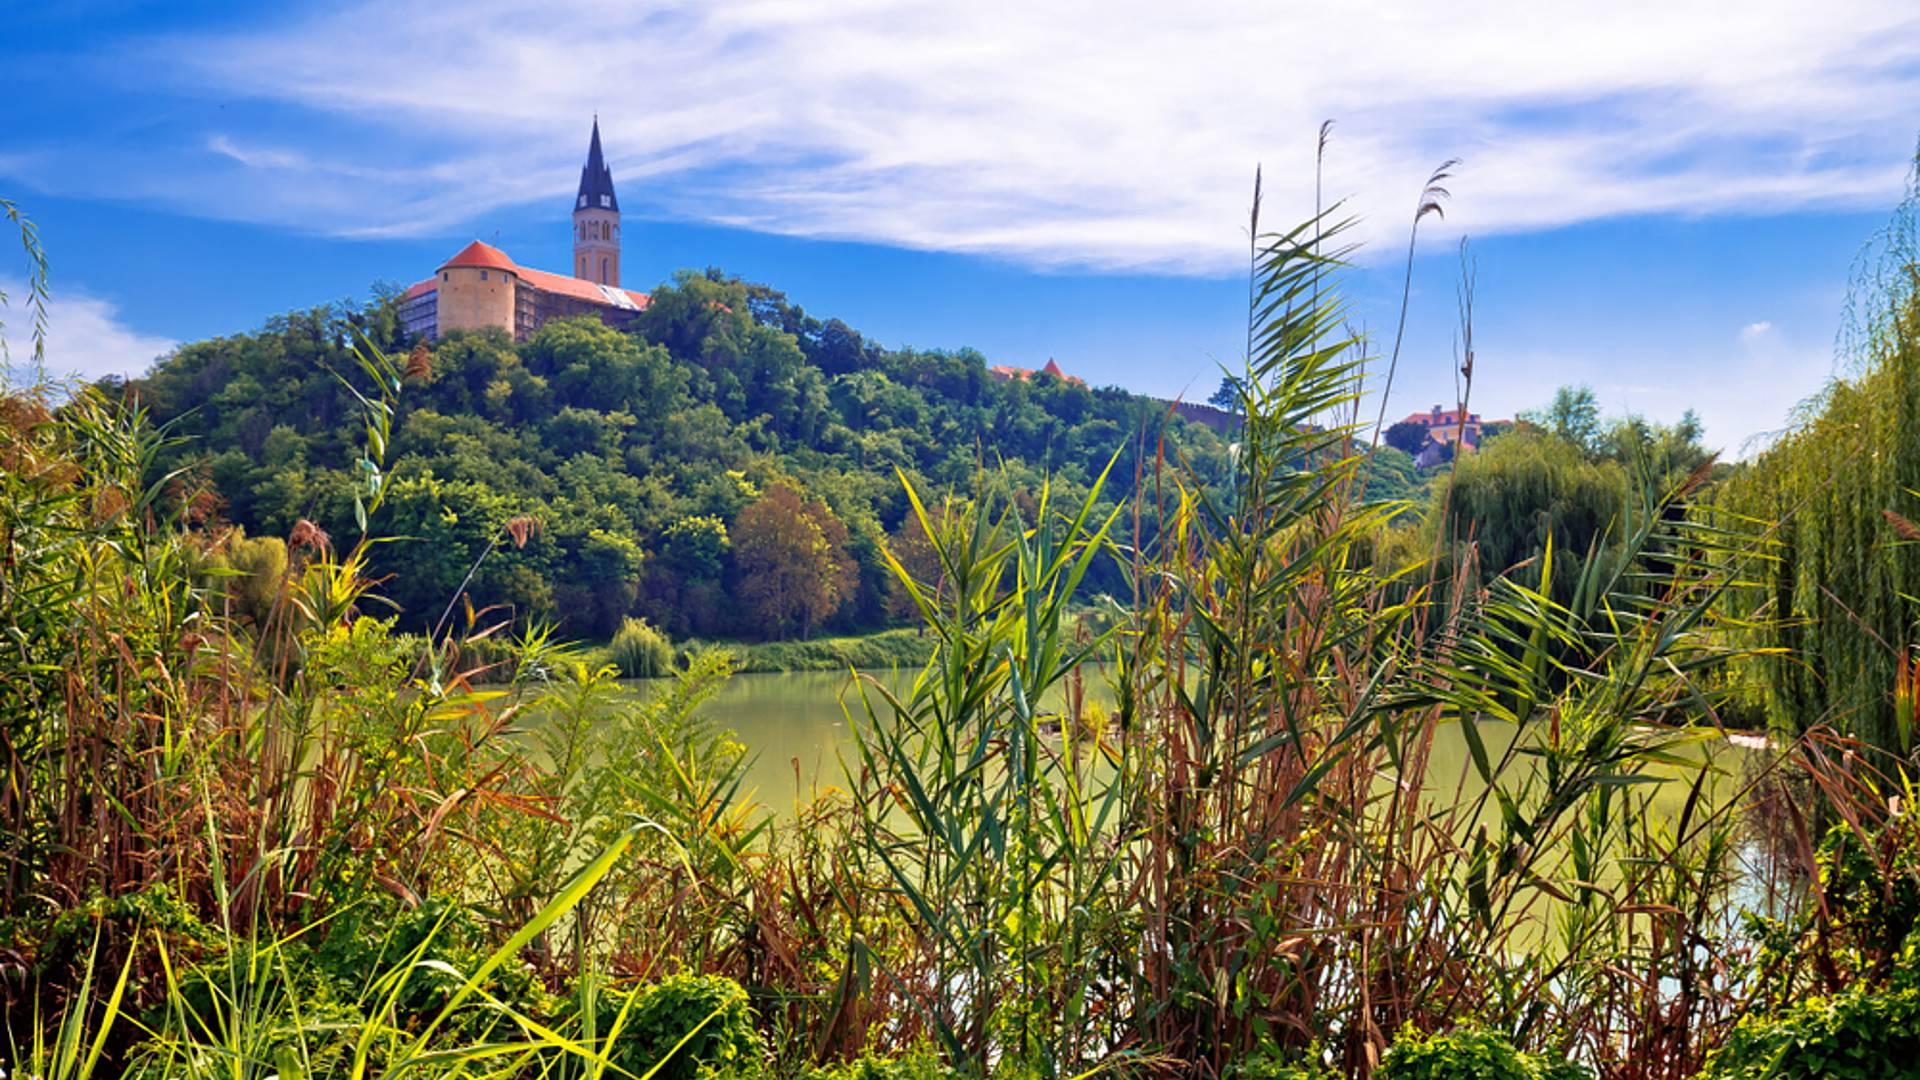 Dans les bras du Danube, la Slavonie au fil de l'eau